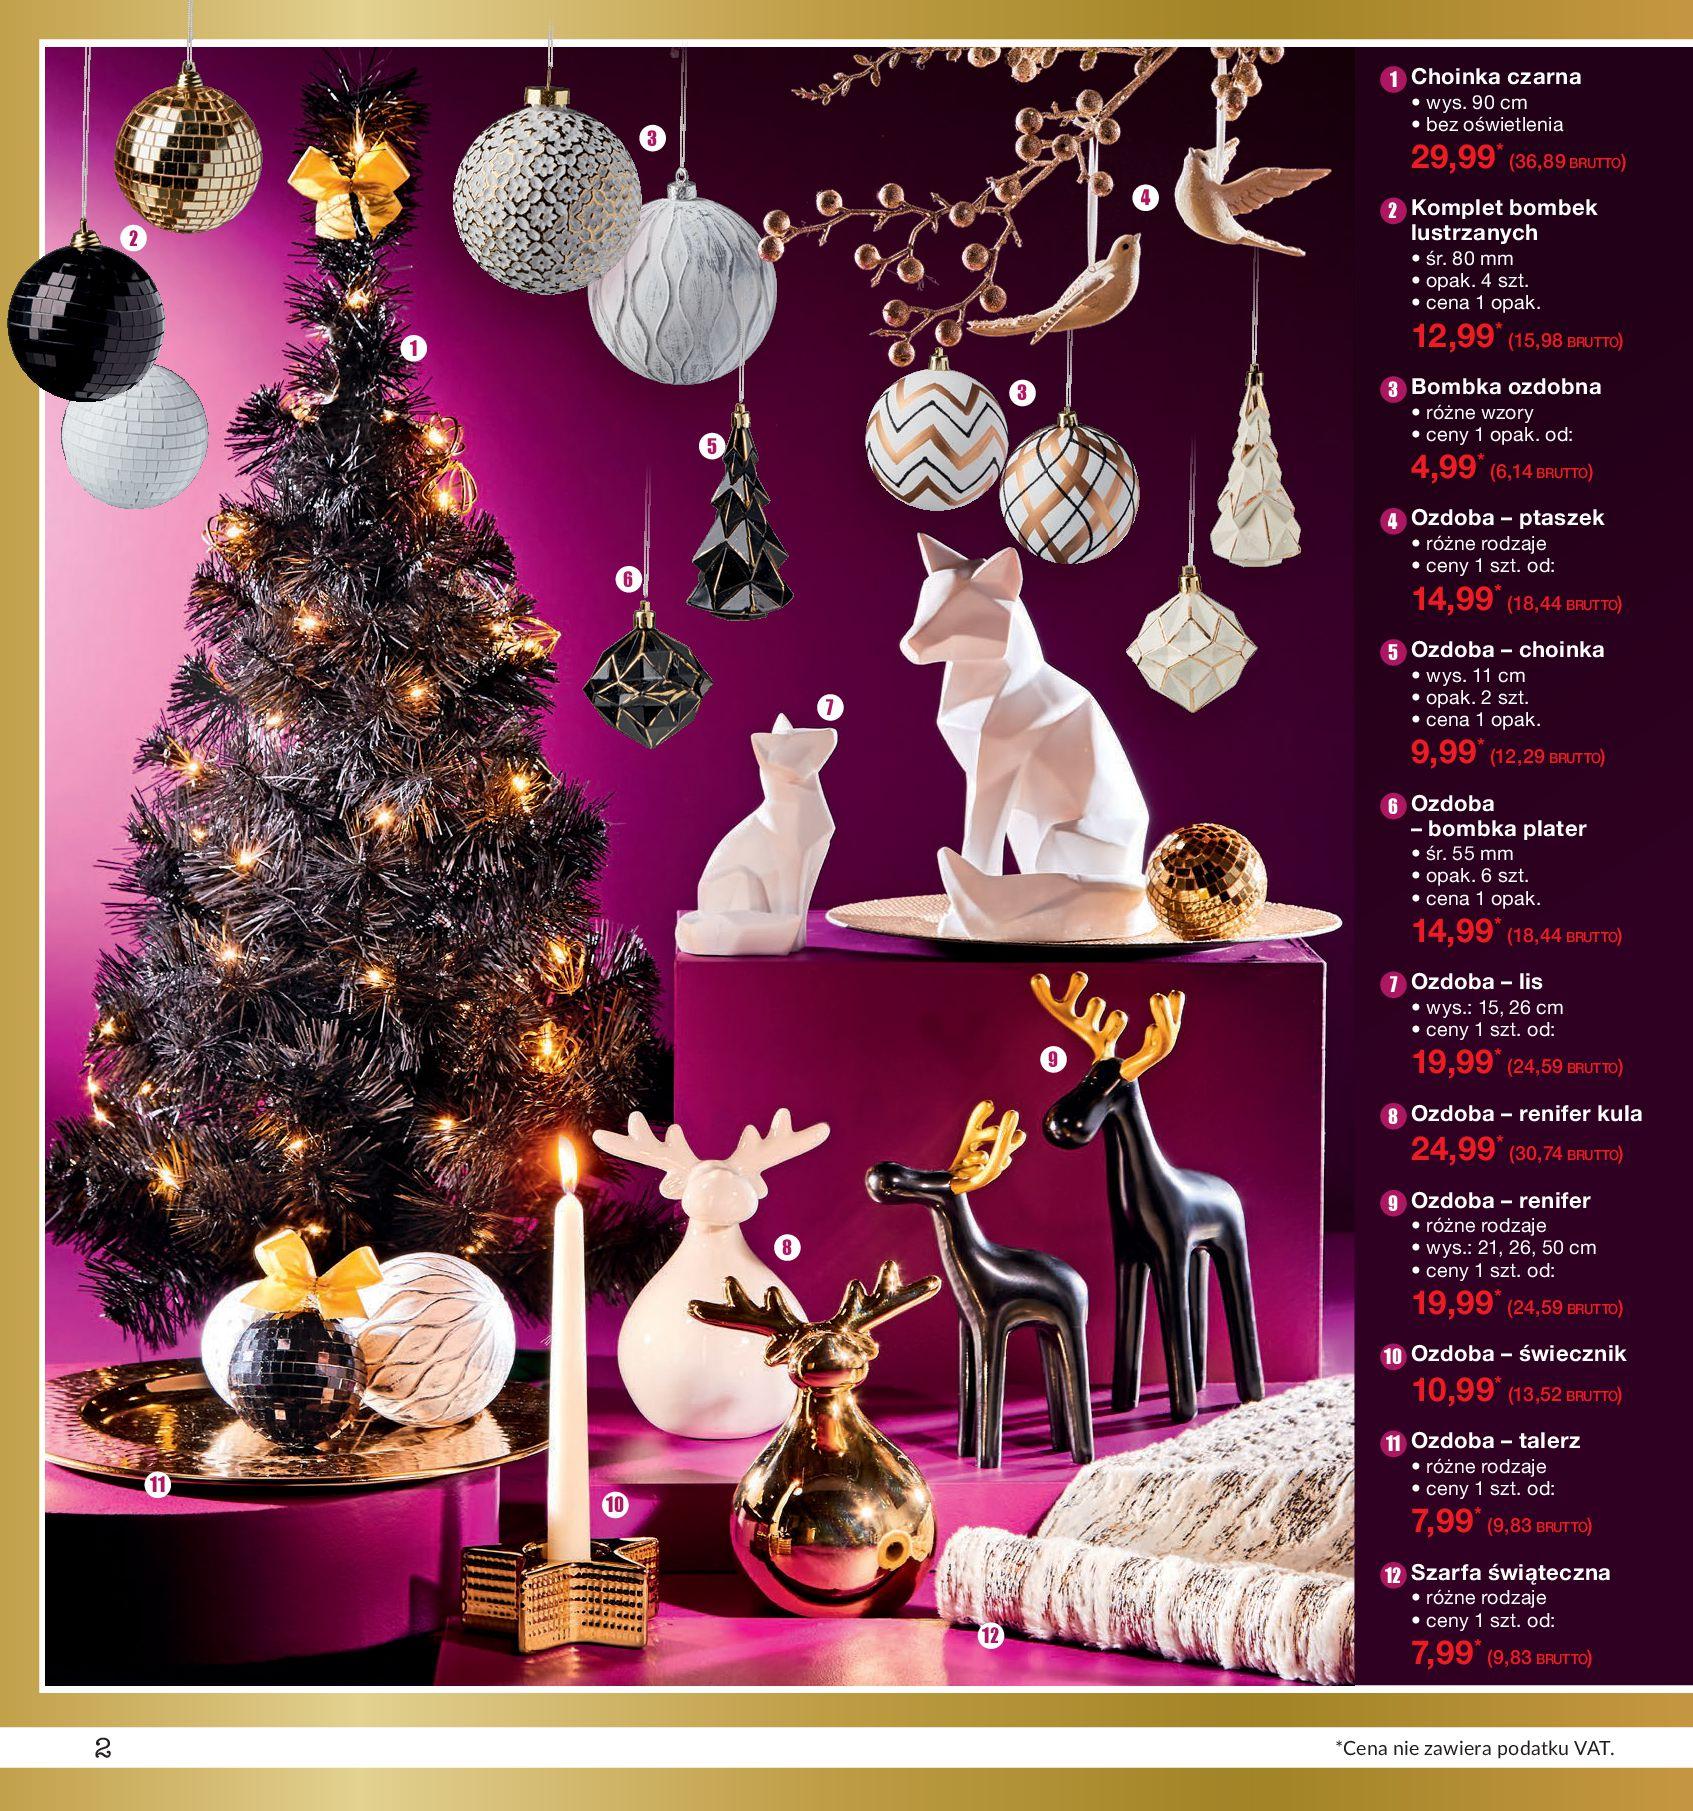 Gazetka Makro - Ozdoby świąteczne-02.12.2019-16.12.2019-page-2